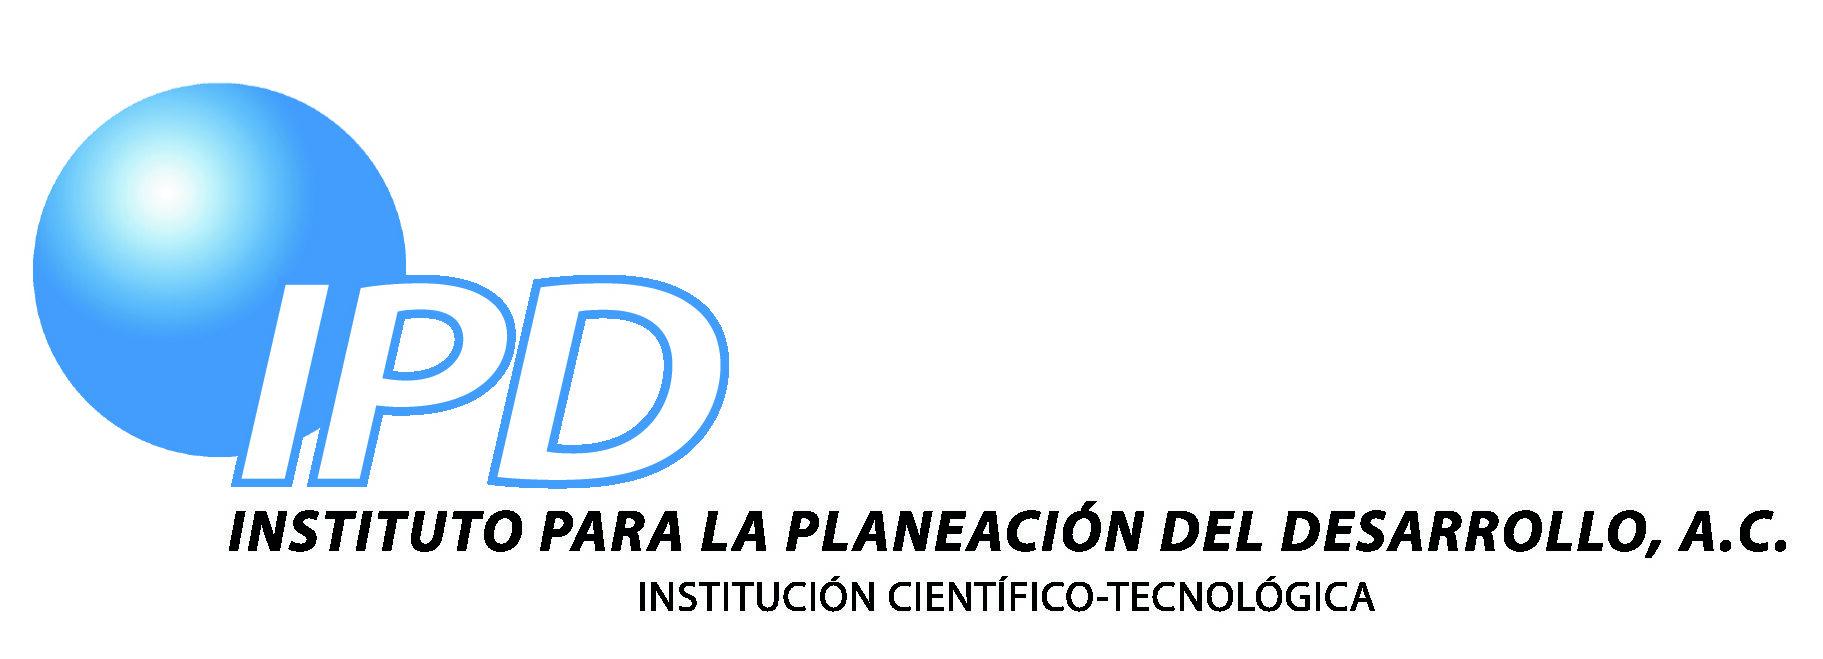 Instituto para la Planeación del Desarrollo